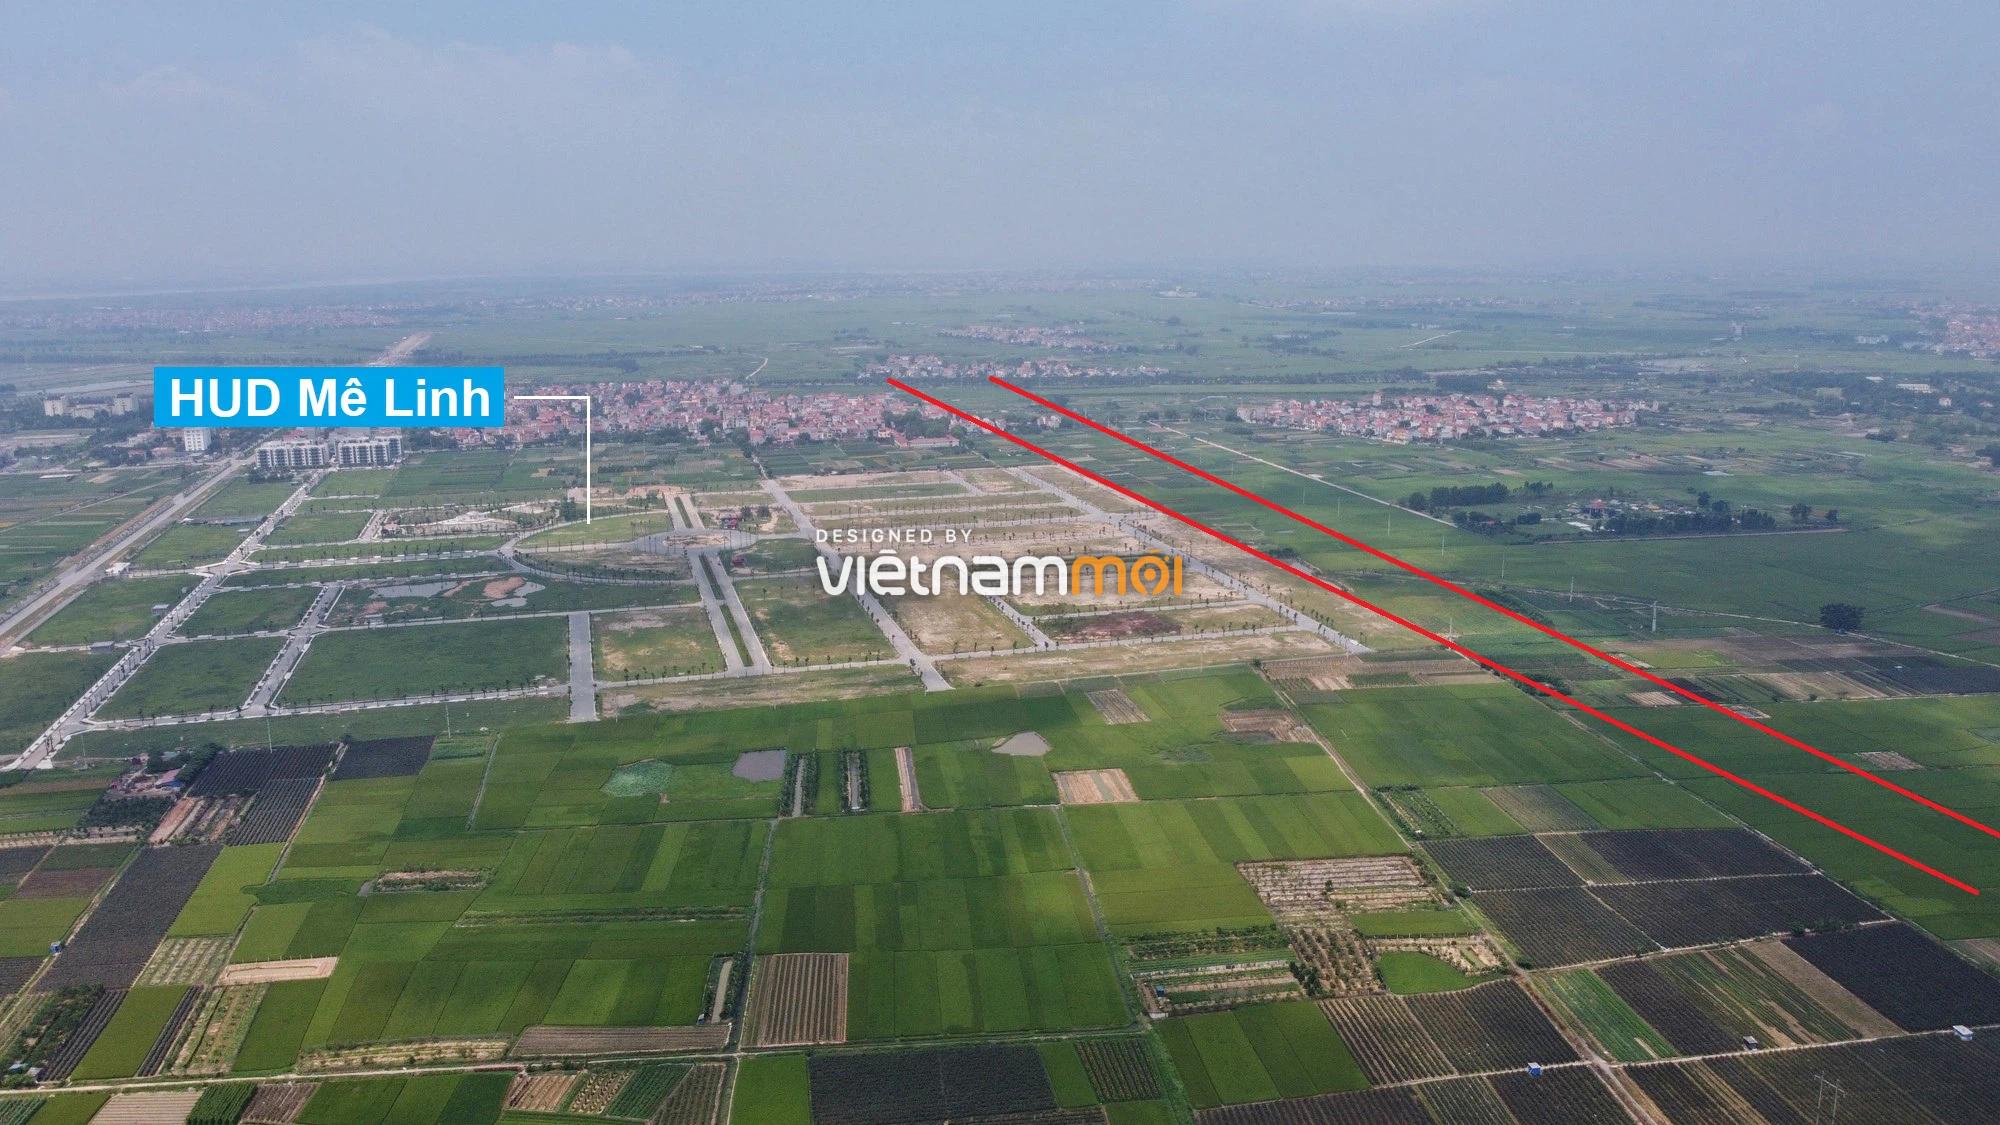 Đường Vành đai 4 sẽ mở theo quy hoạch qua huyện Mê Linh, Hà Nội - Ảnh 7.